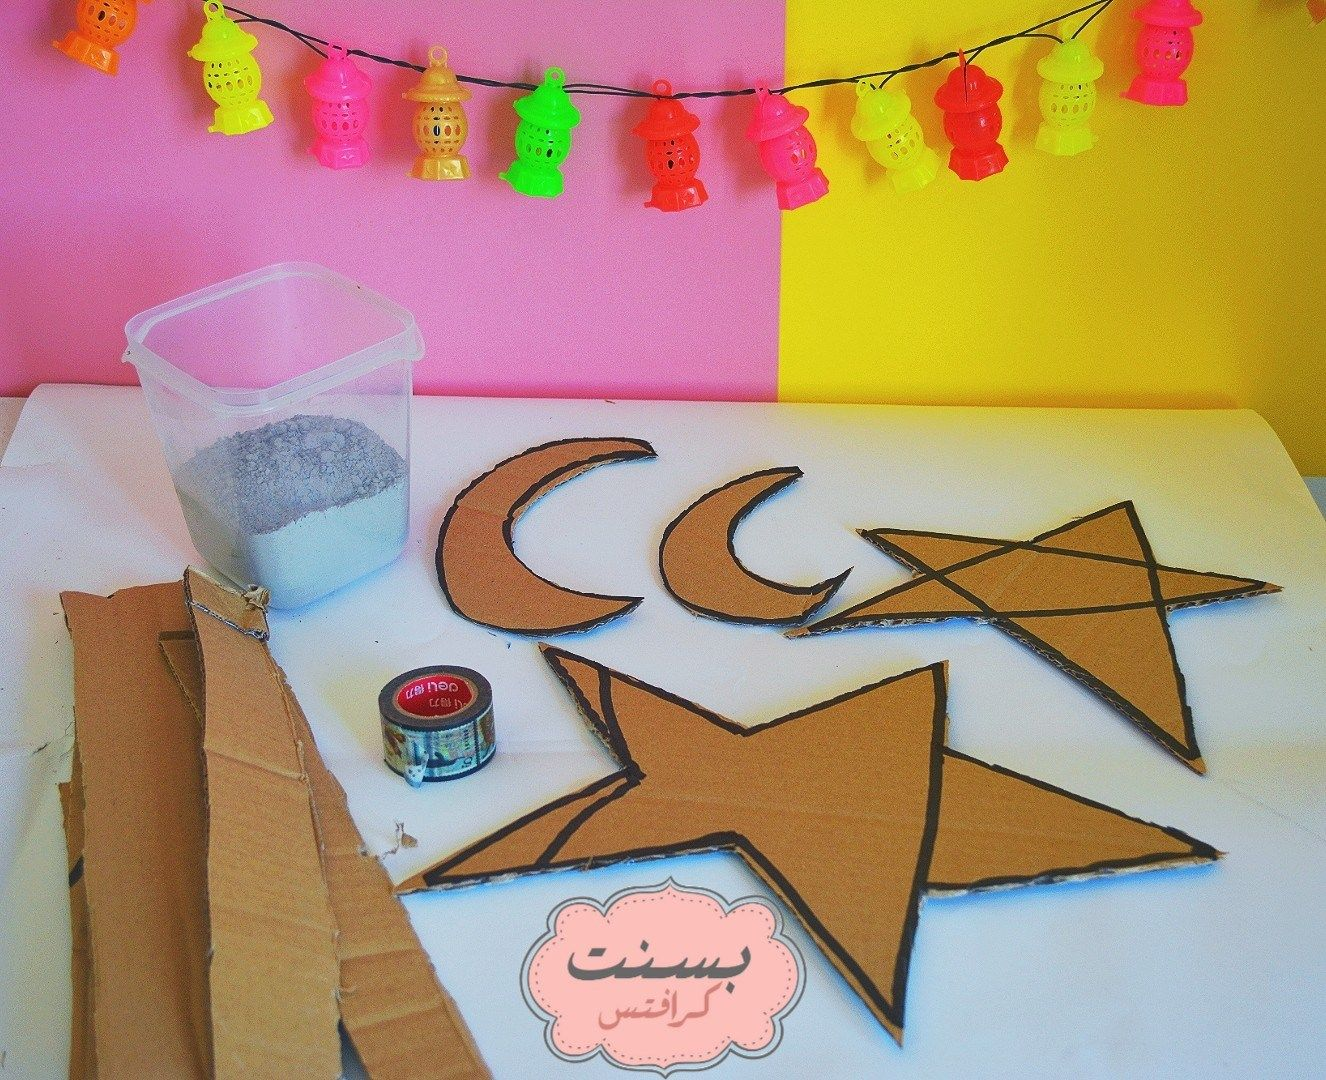 اصنعيها بنفسك ومع طفلك حوامل شمع بأشكال رمضانية بسنت كرافتس Ecommerce Hosting Diy Triangle Tattoo